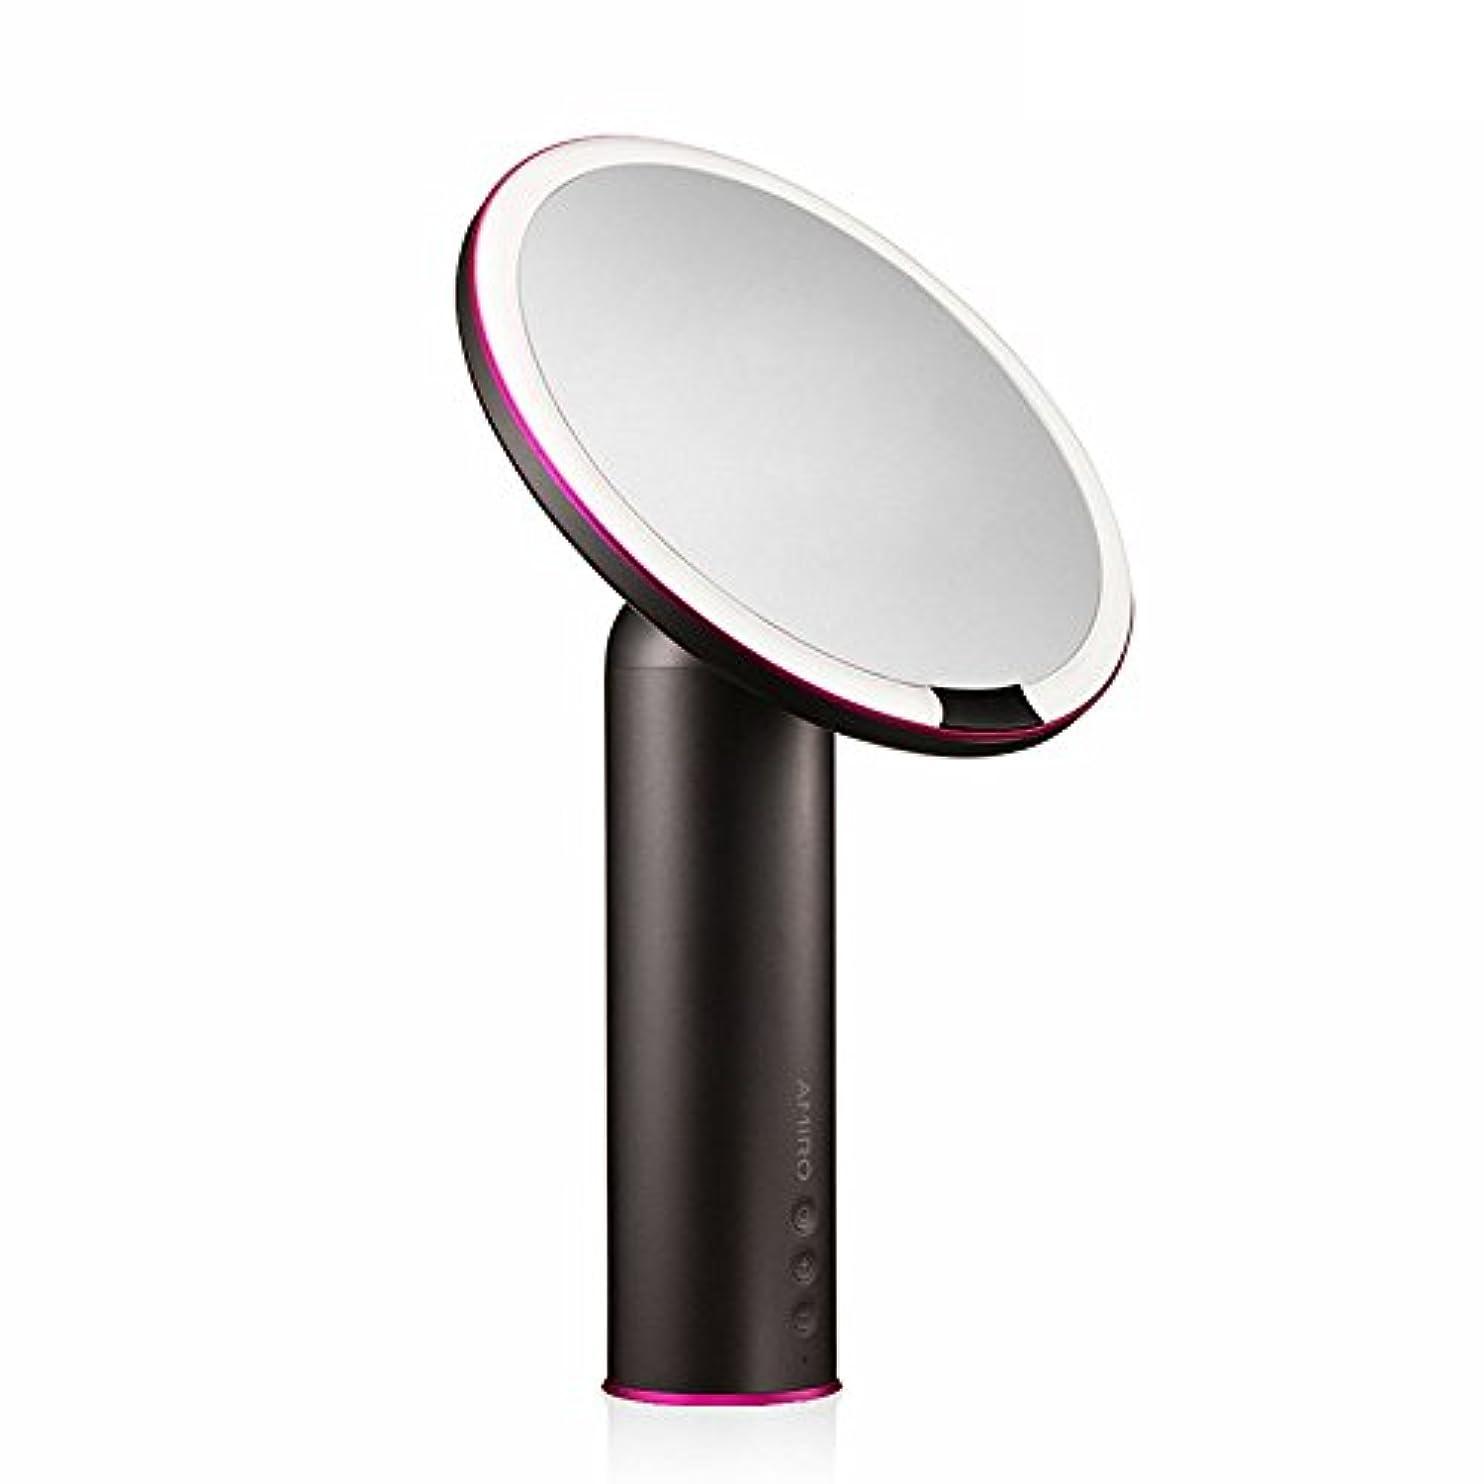 ジュースインセンティブ征服するAMIRO LED化粧鏡 人感センサー付き 化粧ミラー LEDライト付き 卓上鏡 女優ミラー 3段階明るさ調節可能 コードレス 充電式